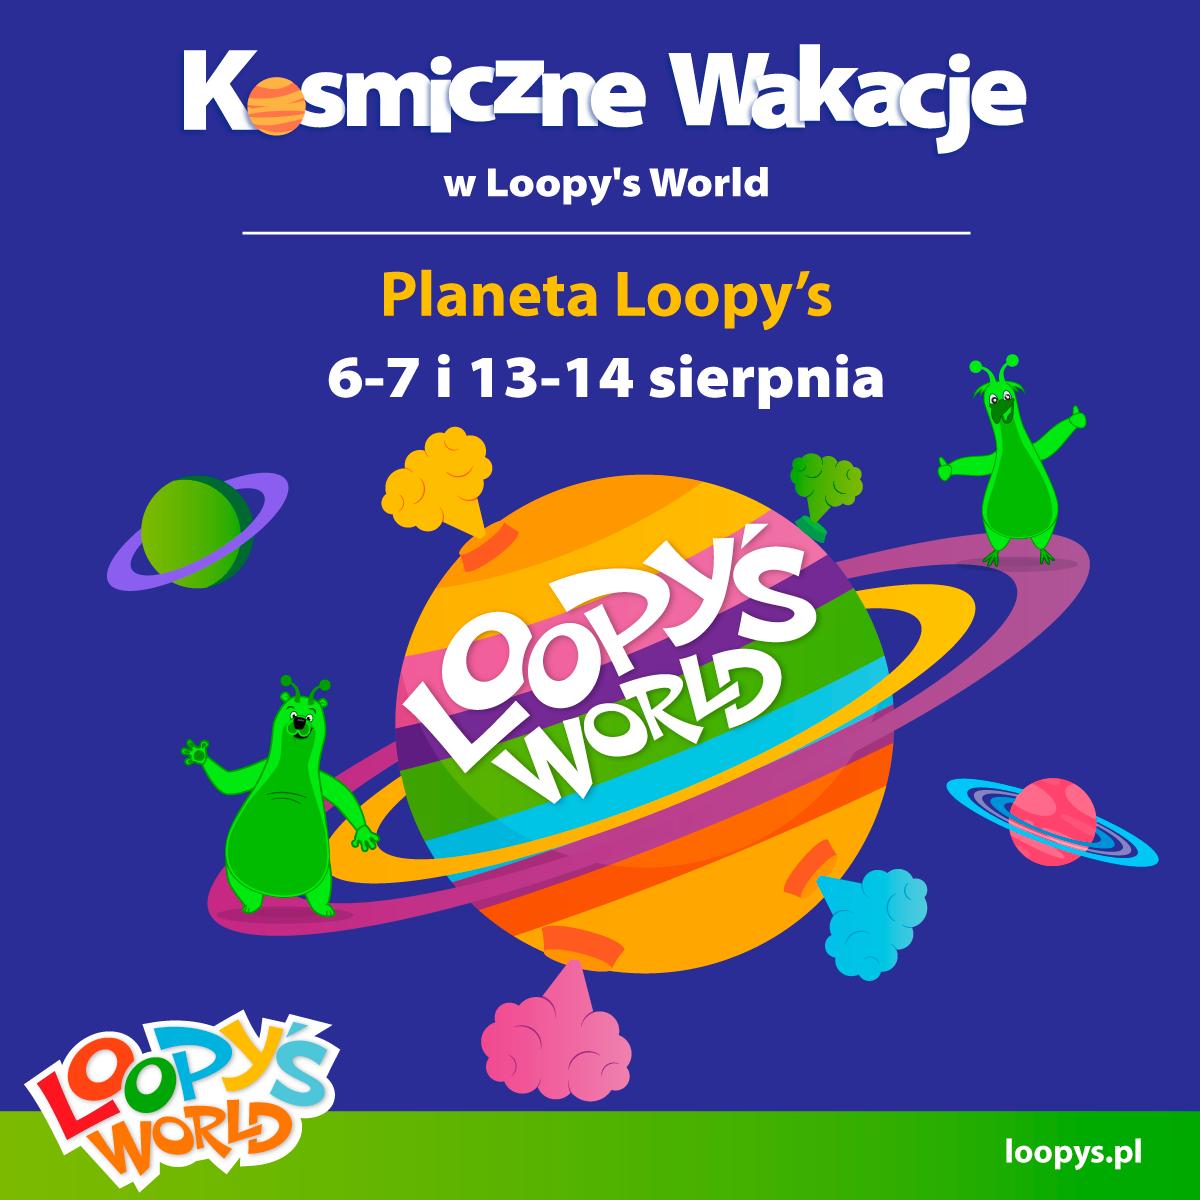 IKONKA_kosmiczne_wakacje_Loopy's